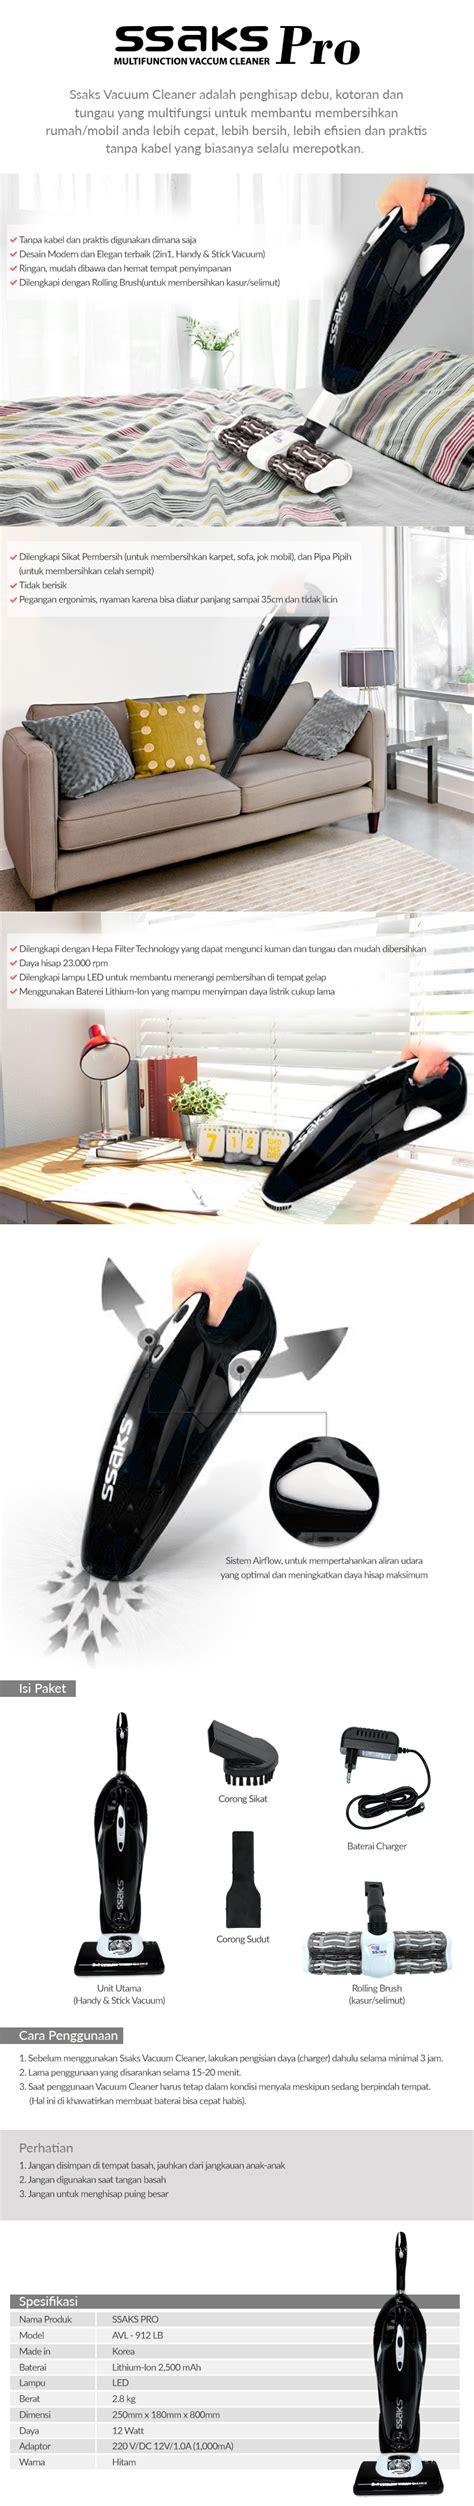 Vacuum Cleaner Lejel ssaks cordless vacuum cleaner